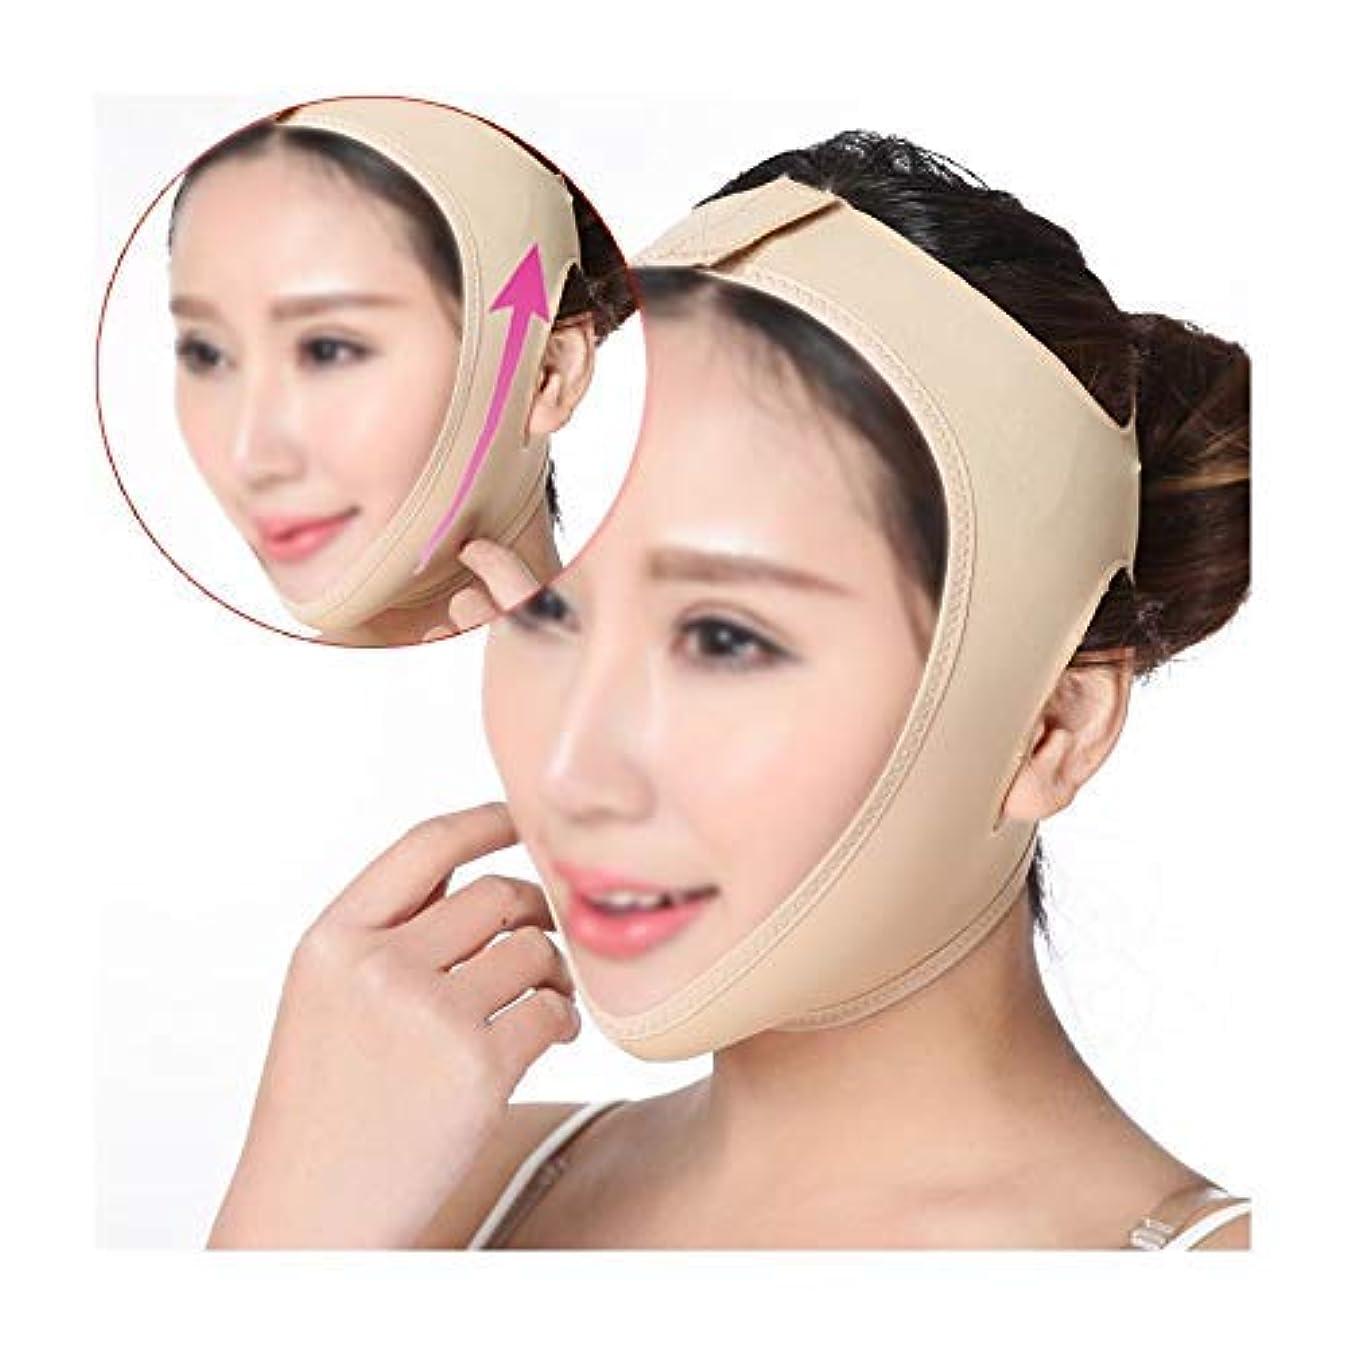 吸収置換式引き締めフェイスマスク、フェイスマスク通気性フェイス包帯Vフェイスデバイス睡眠薄いフェイスマスクフェイスマッサージ器具フェイスリフティングフェイスリフティングツール(サイズ:XXL)